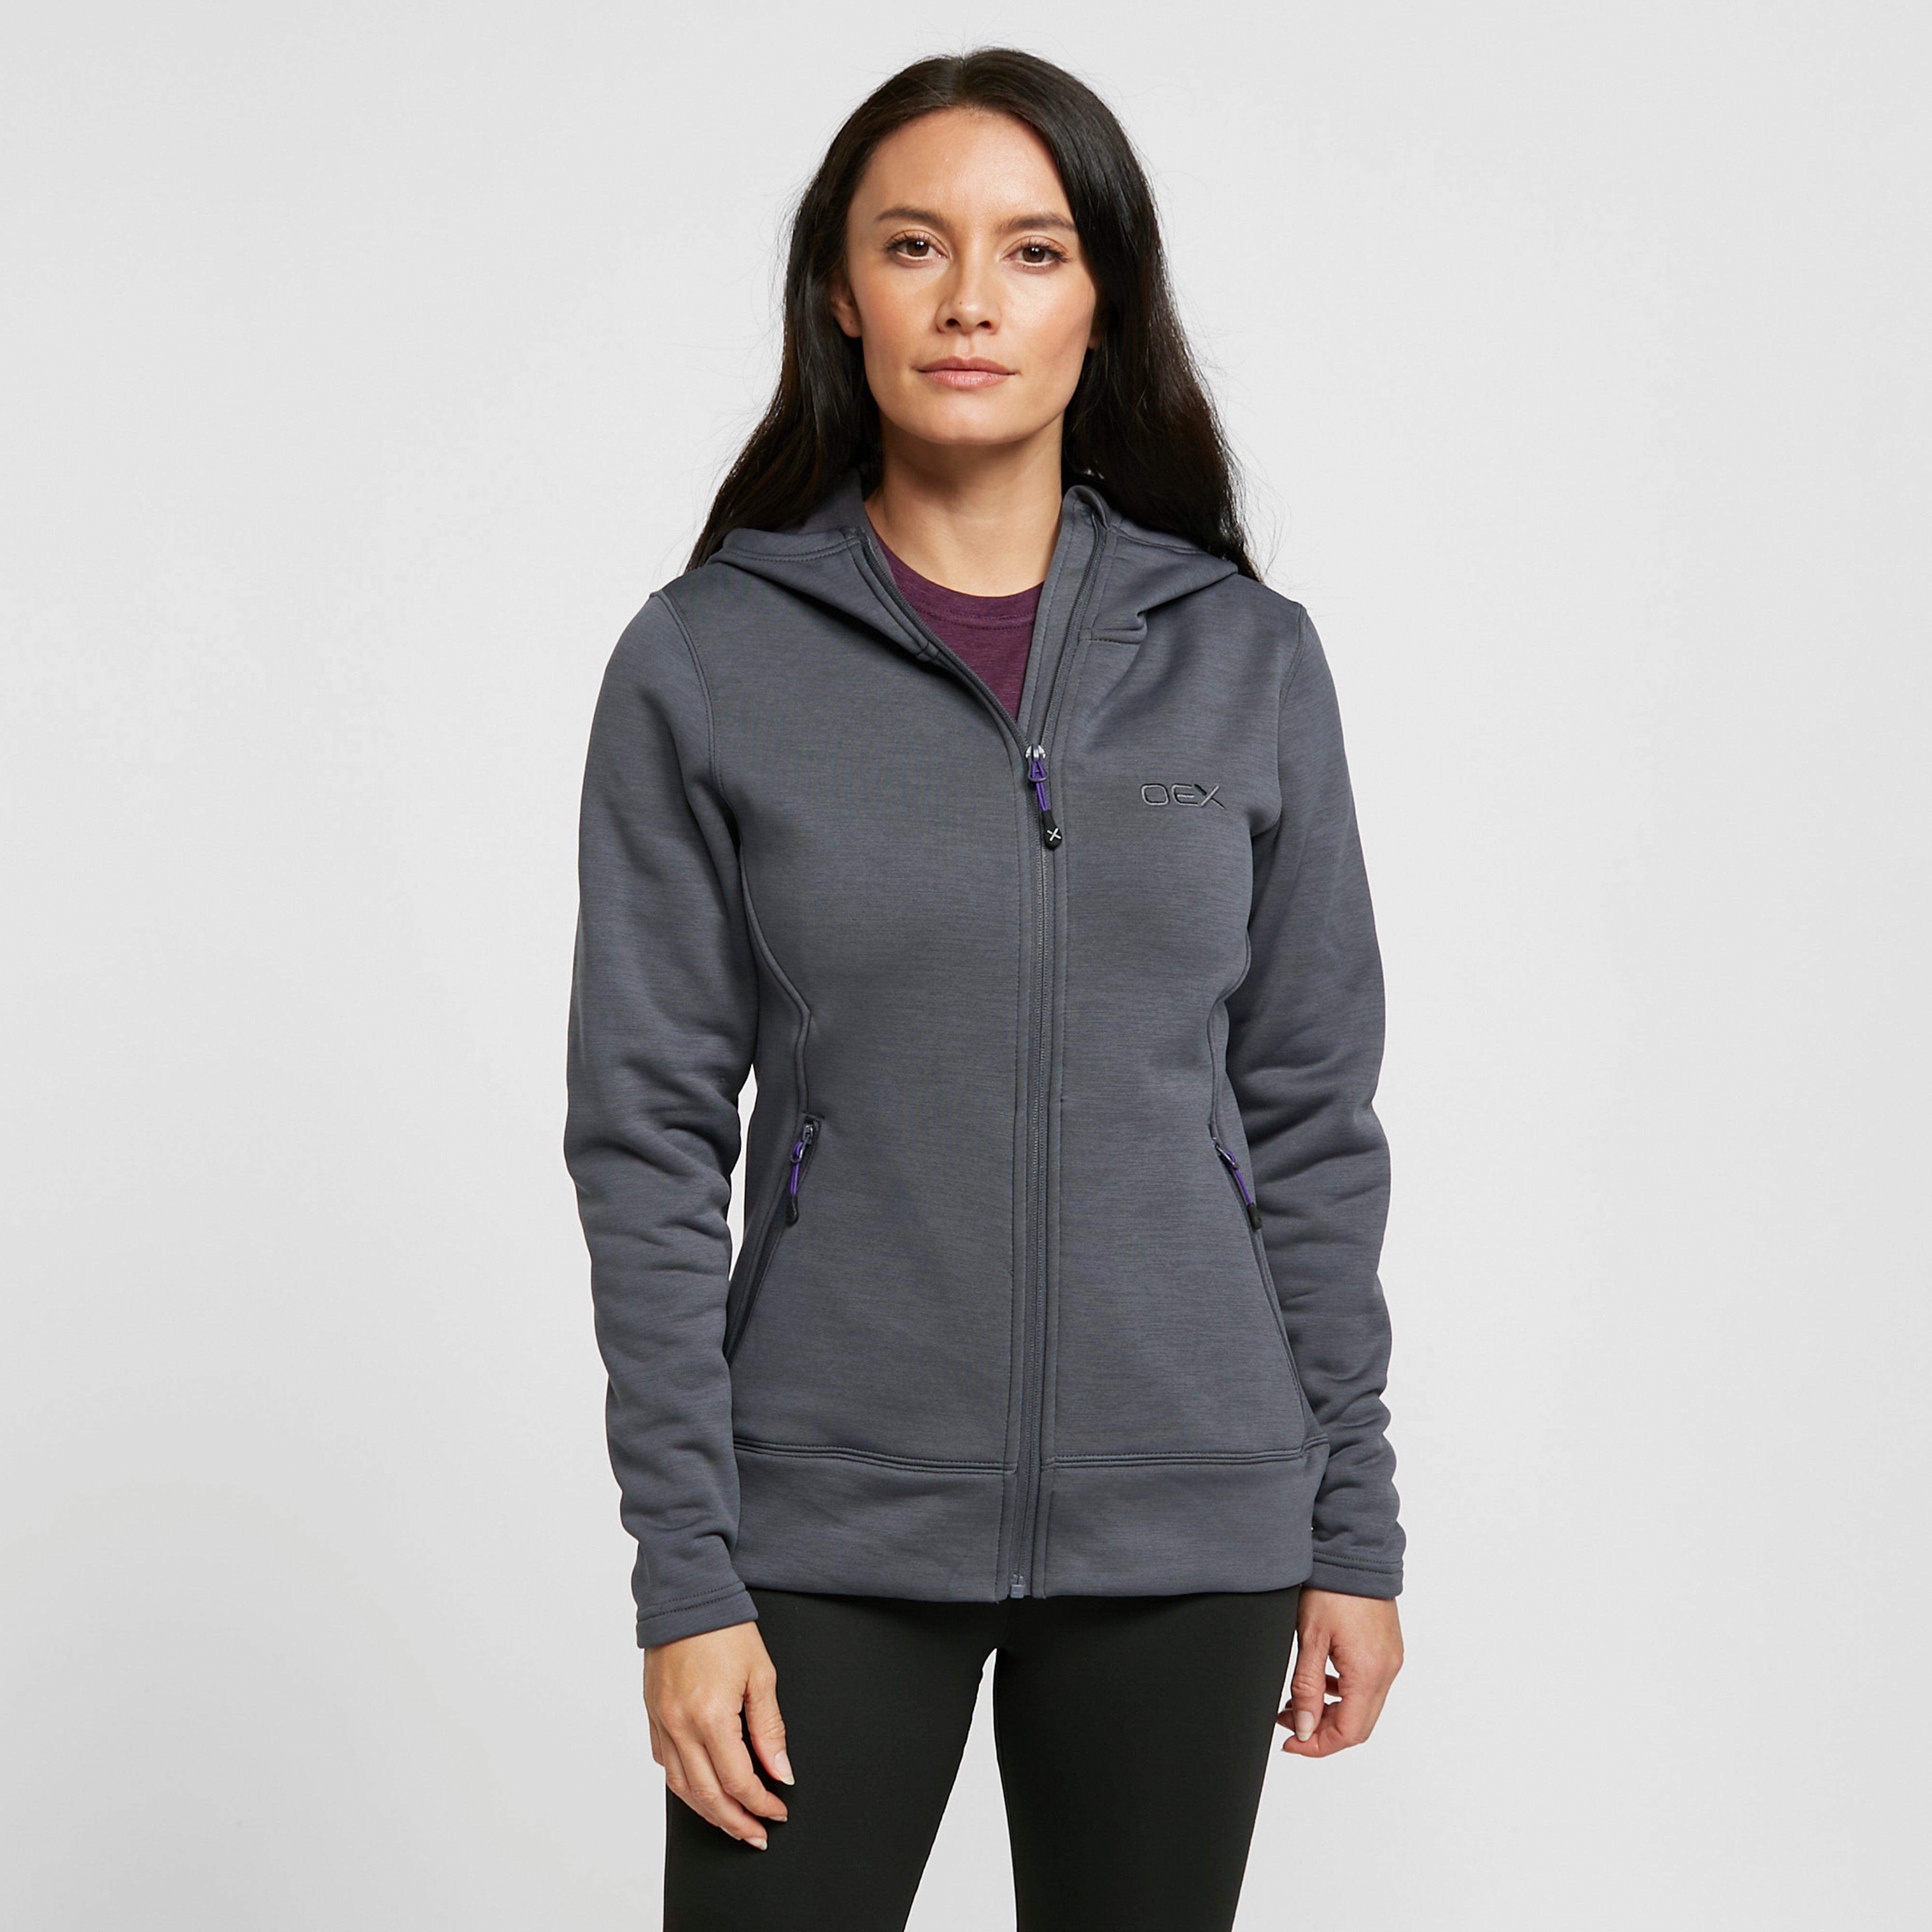 Oex Oex Womens Dyno Hoody - Grey, Grey